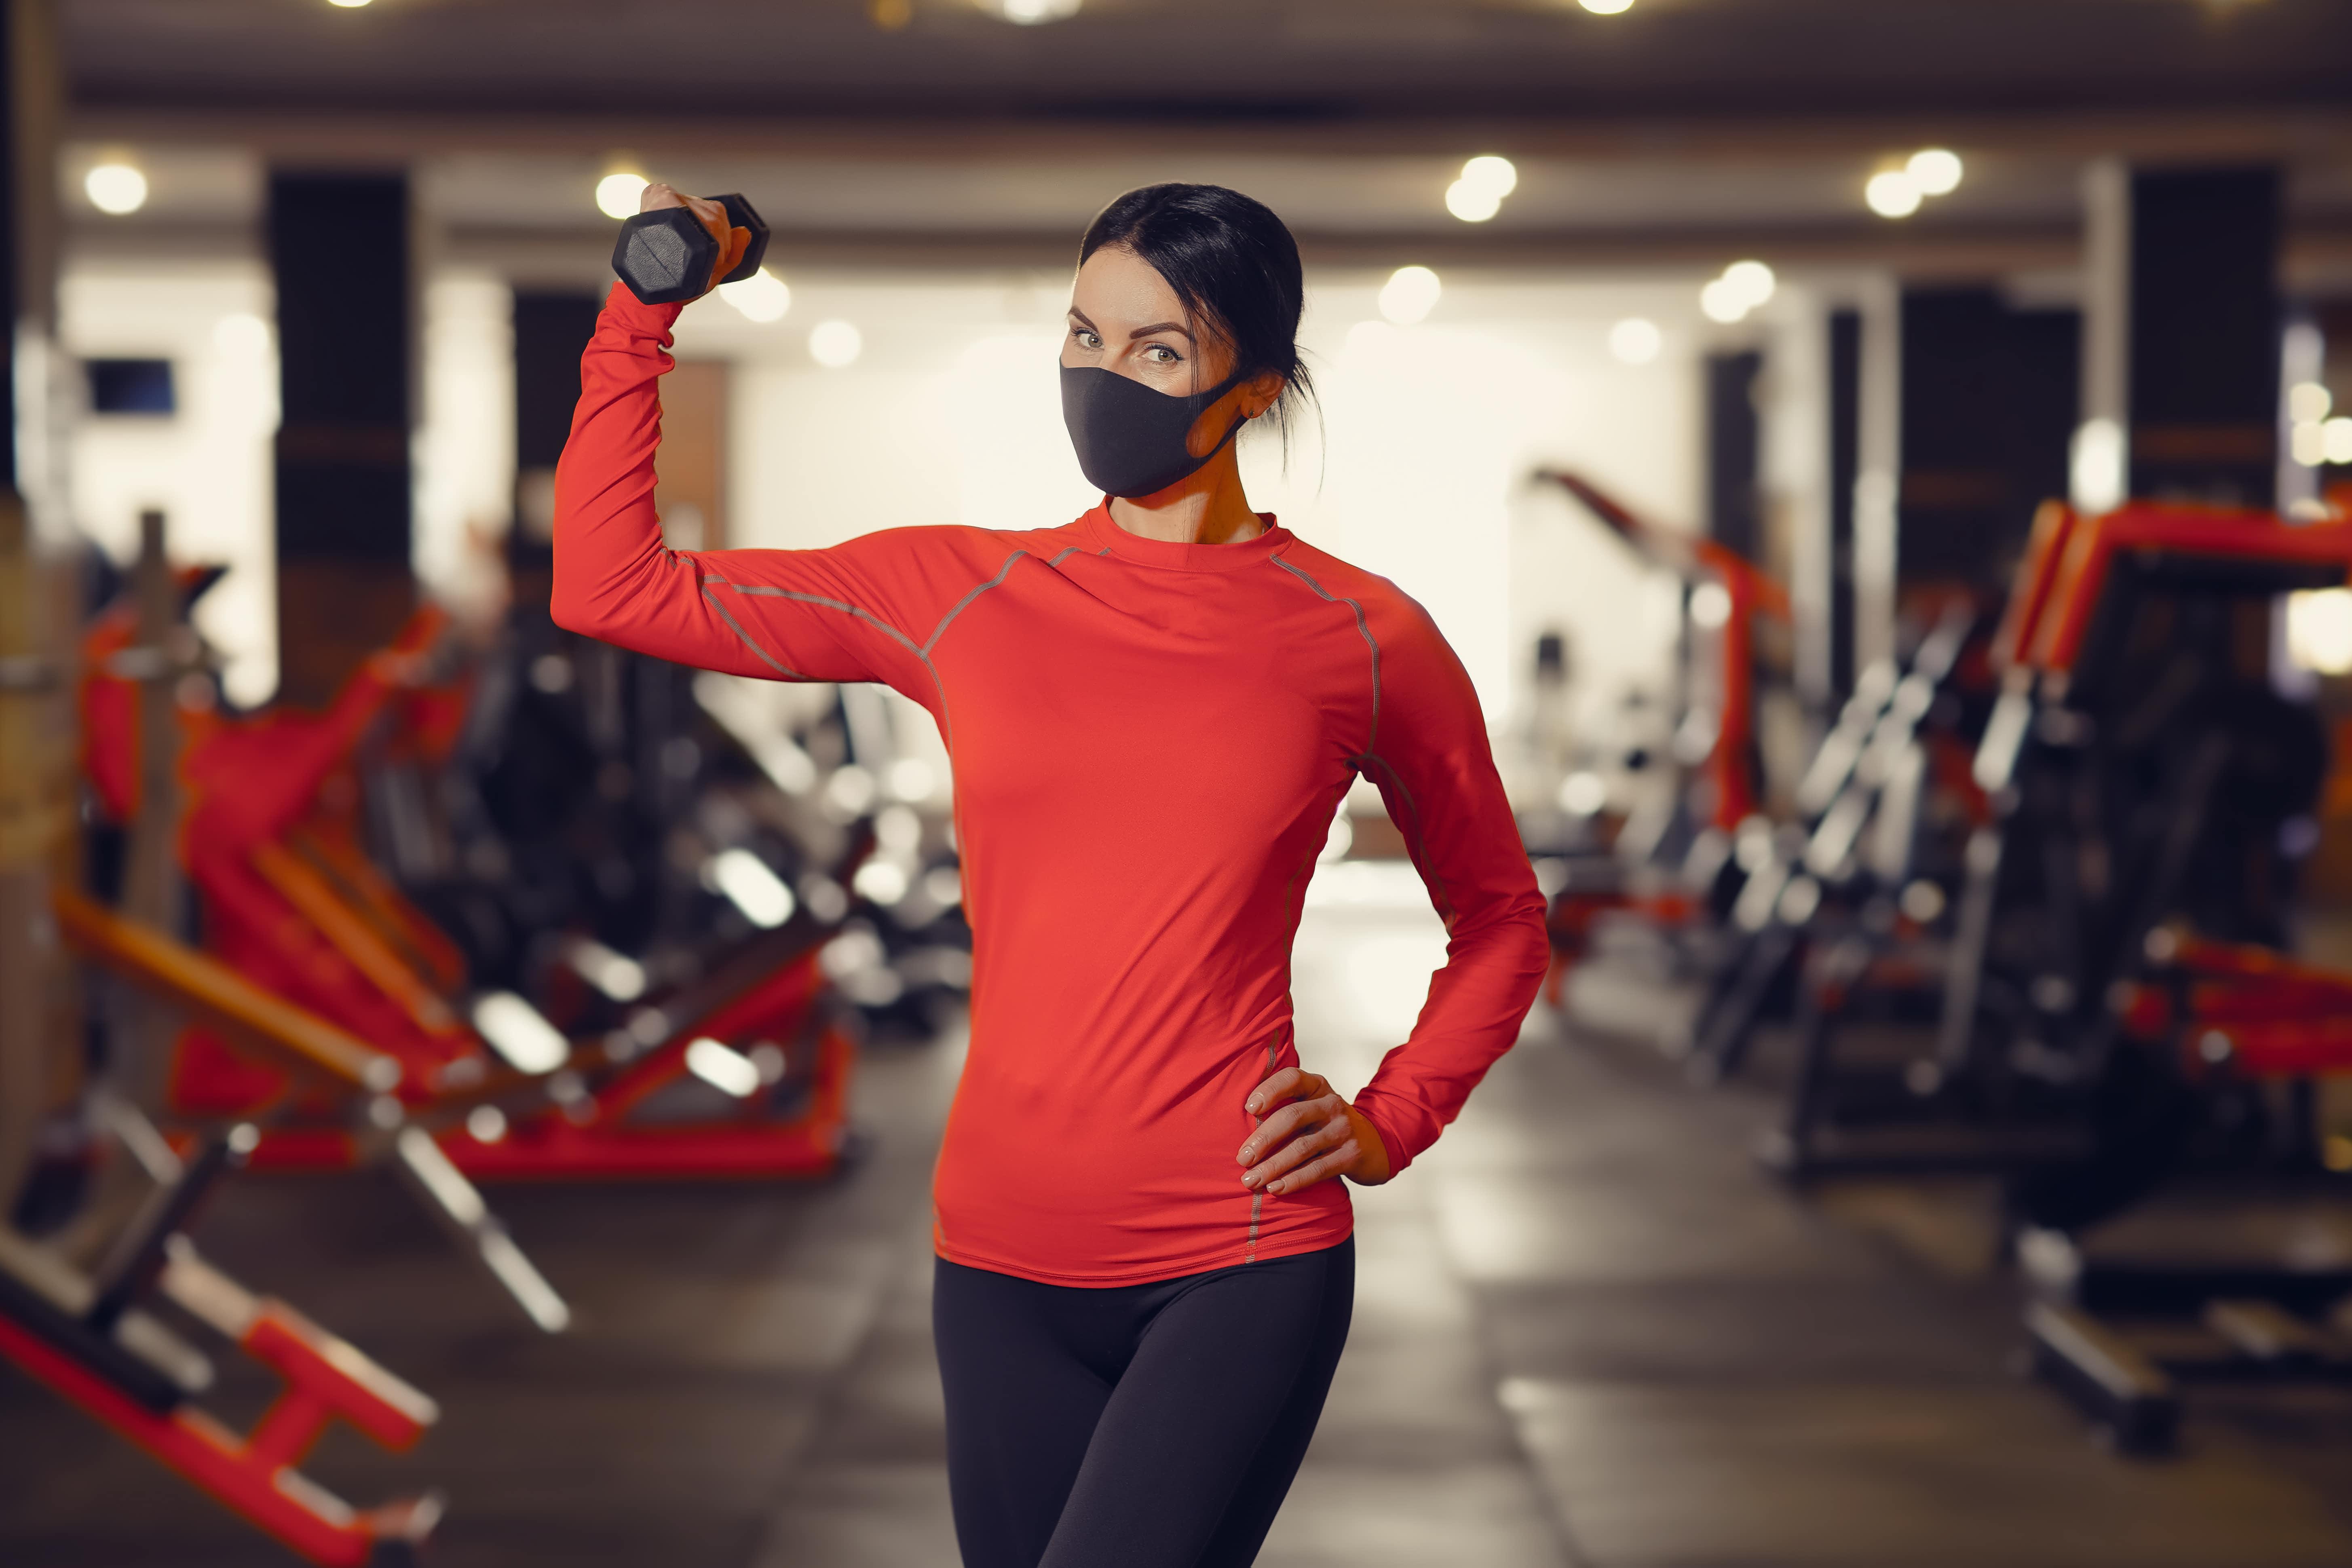 Medidas preventivas en clubes y gimnasios por COVID-19 (Nueva normalidad)